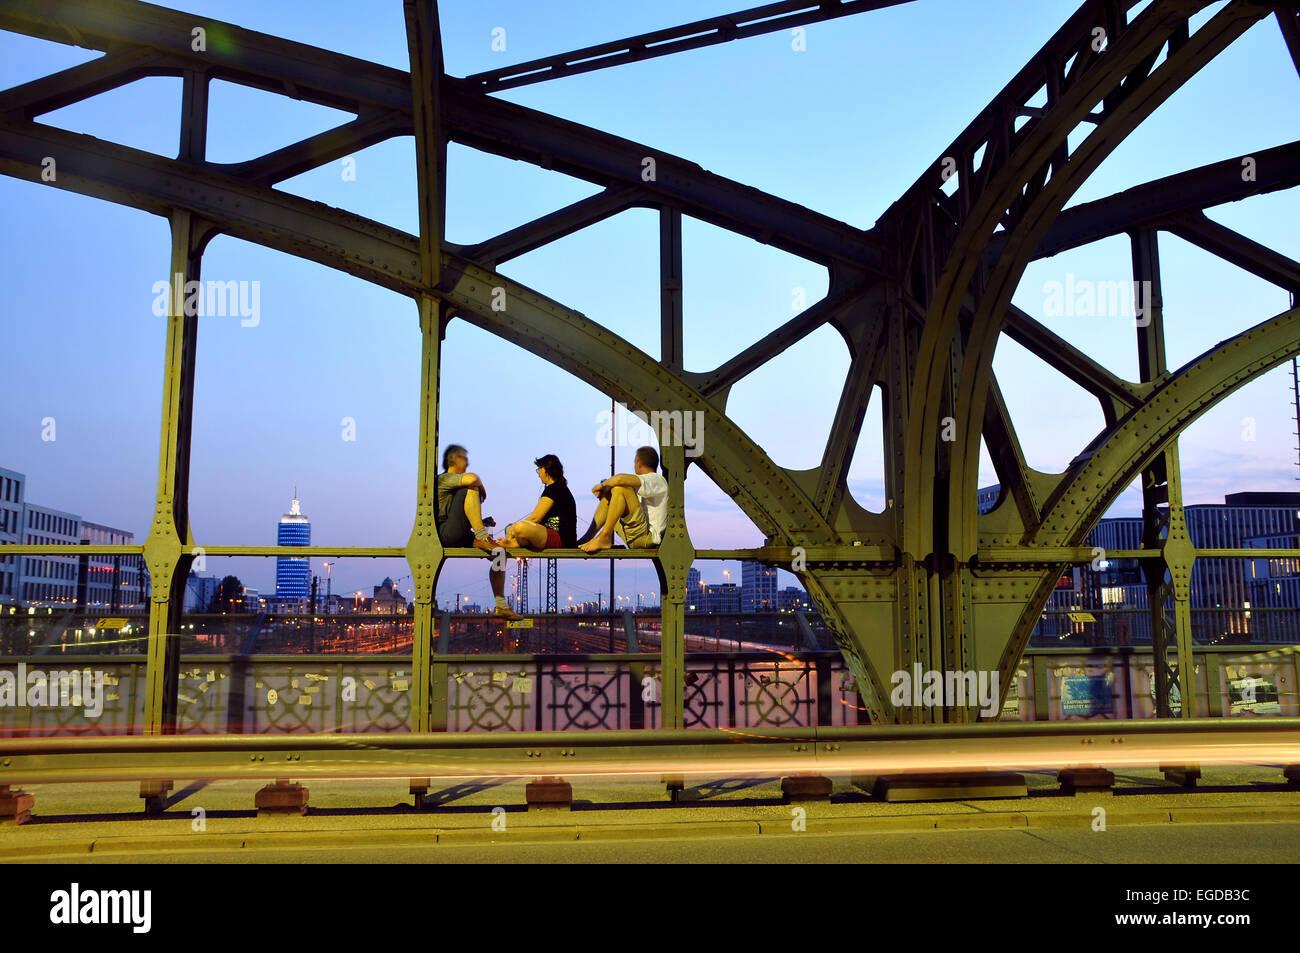 Des gens assis sur le pont d'intrus dans la soirée, Munich, Bavière, Allemagne Photo Stock